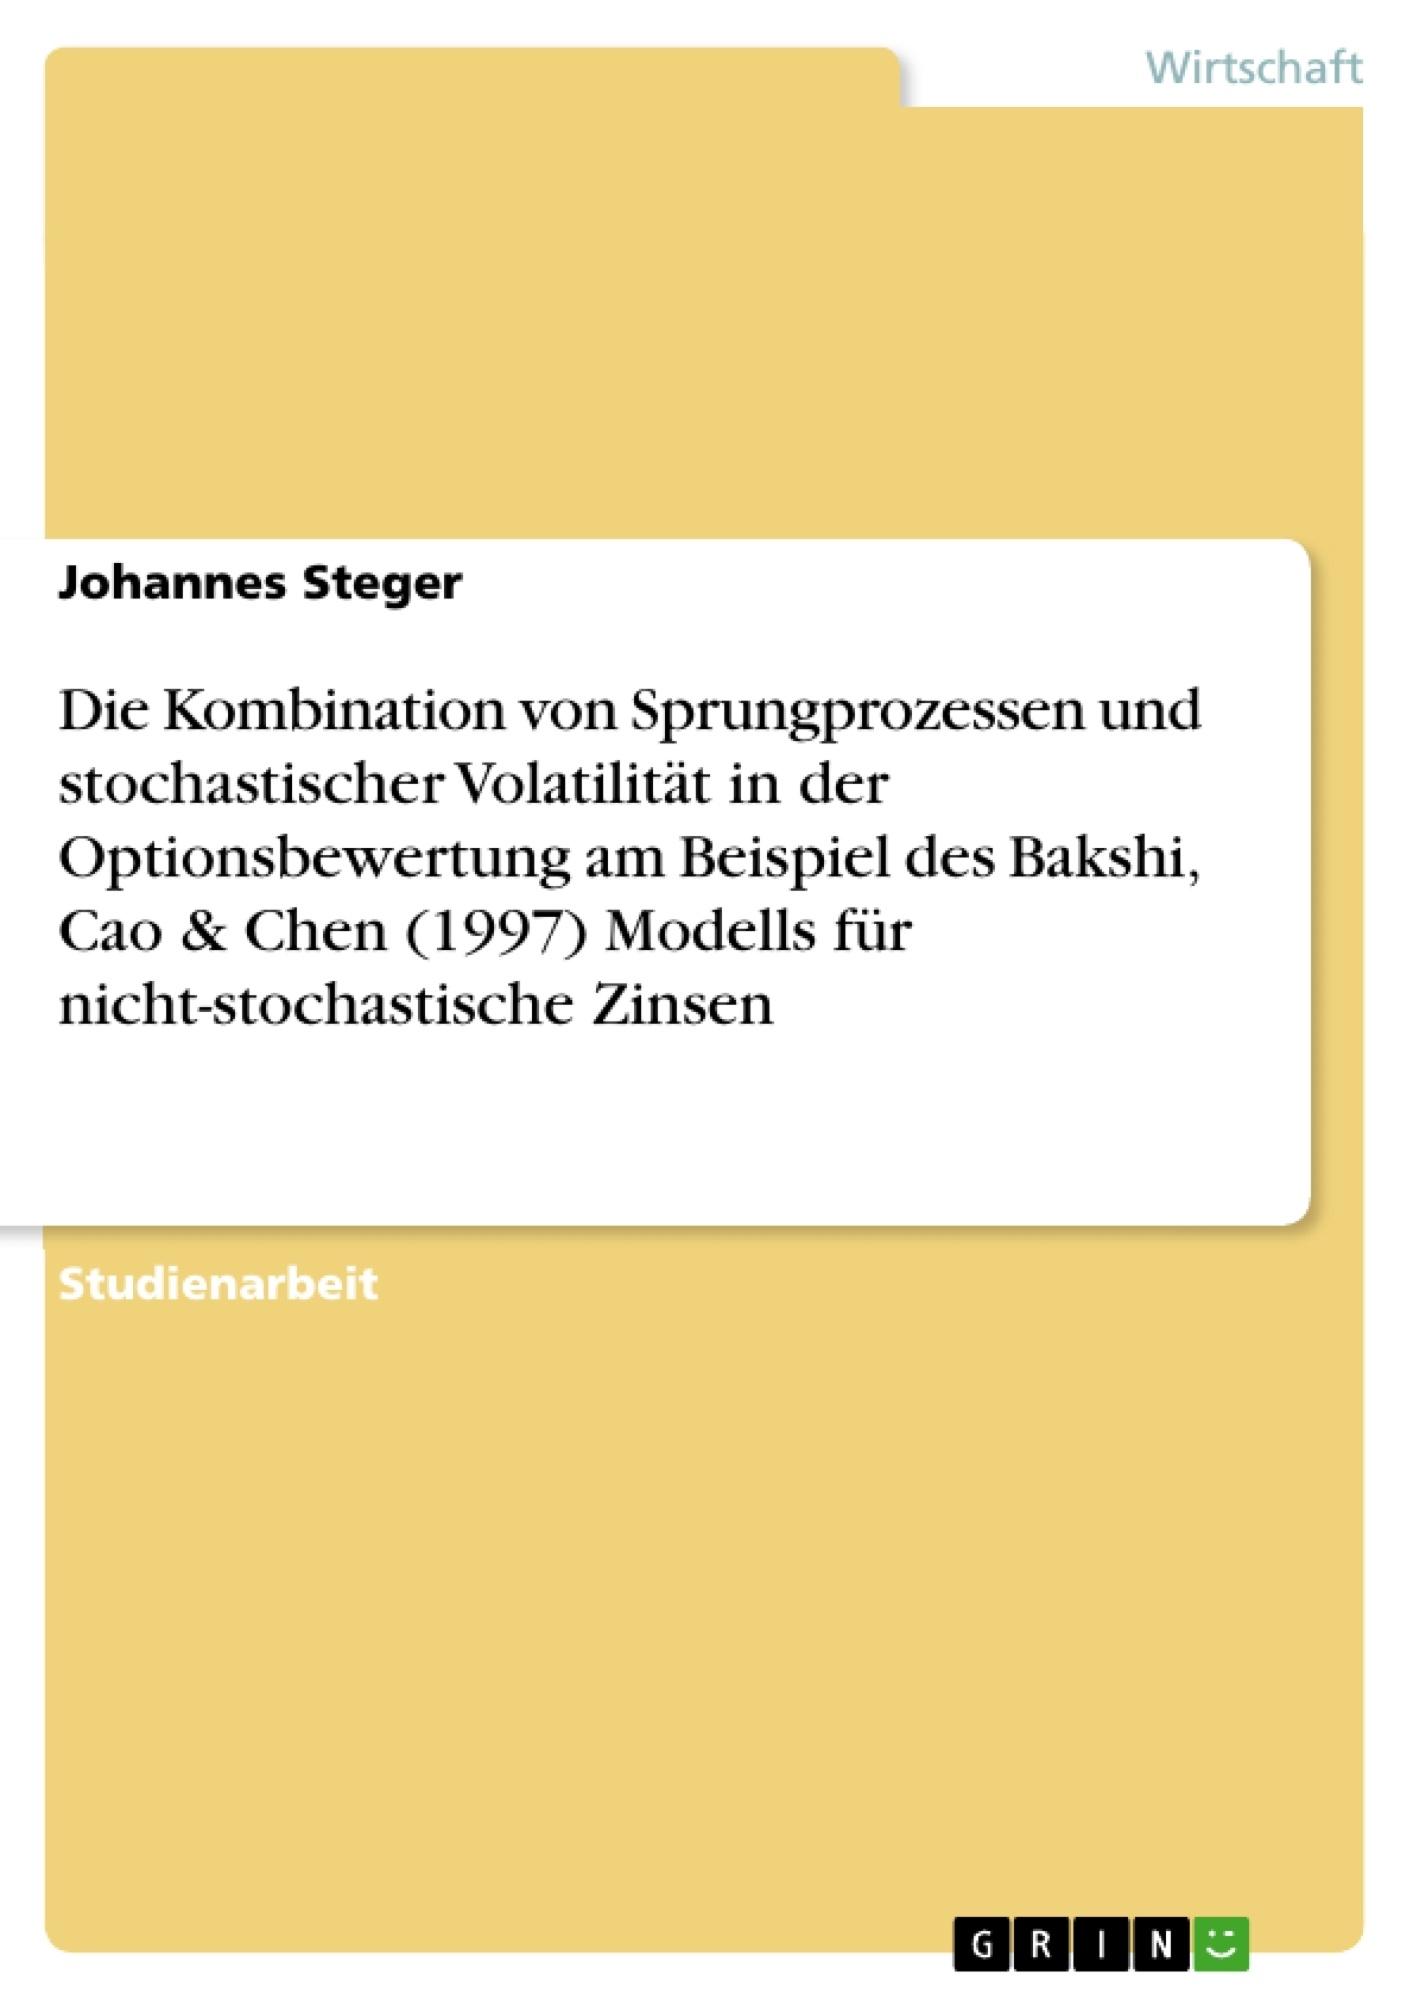 Titel: Die Kombination von Sprungprozessen und stochastischer Volatilität in der Optionsbewertung am Beispiel des Bakshi, Cao & Chen (1997) Modells für nicht-stochastische Zinsen